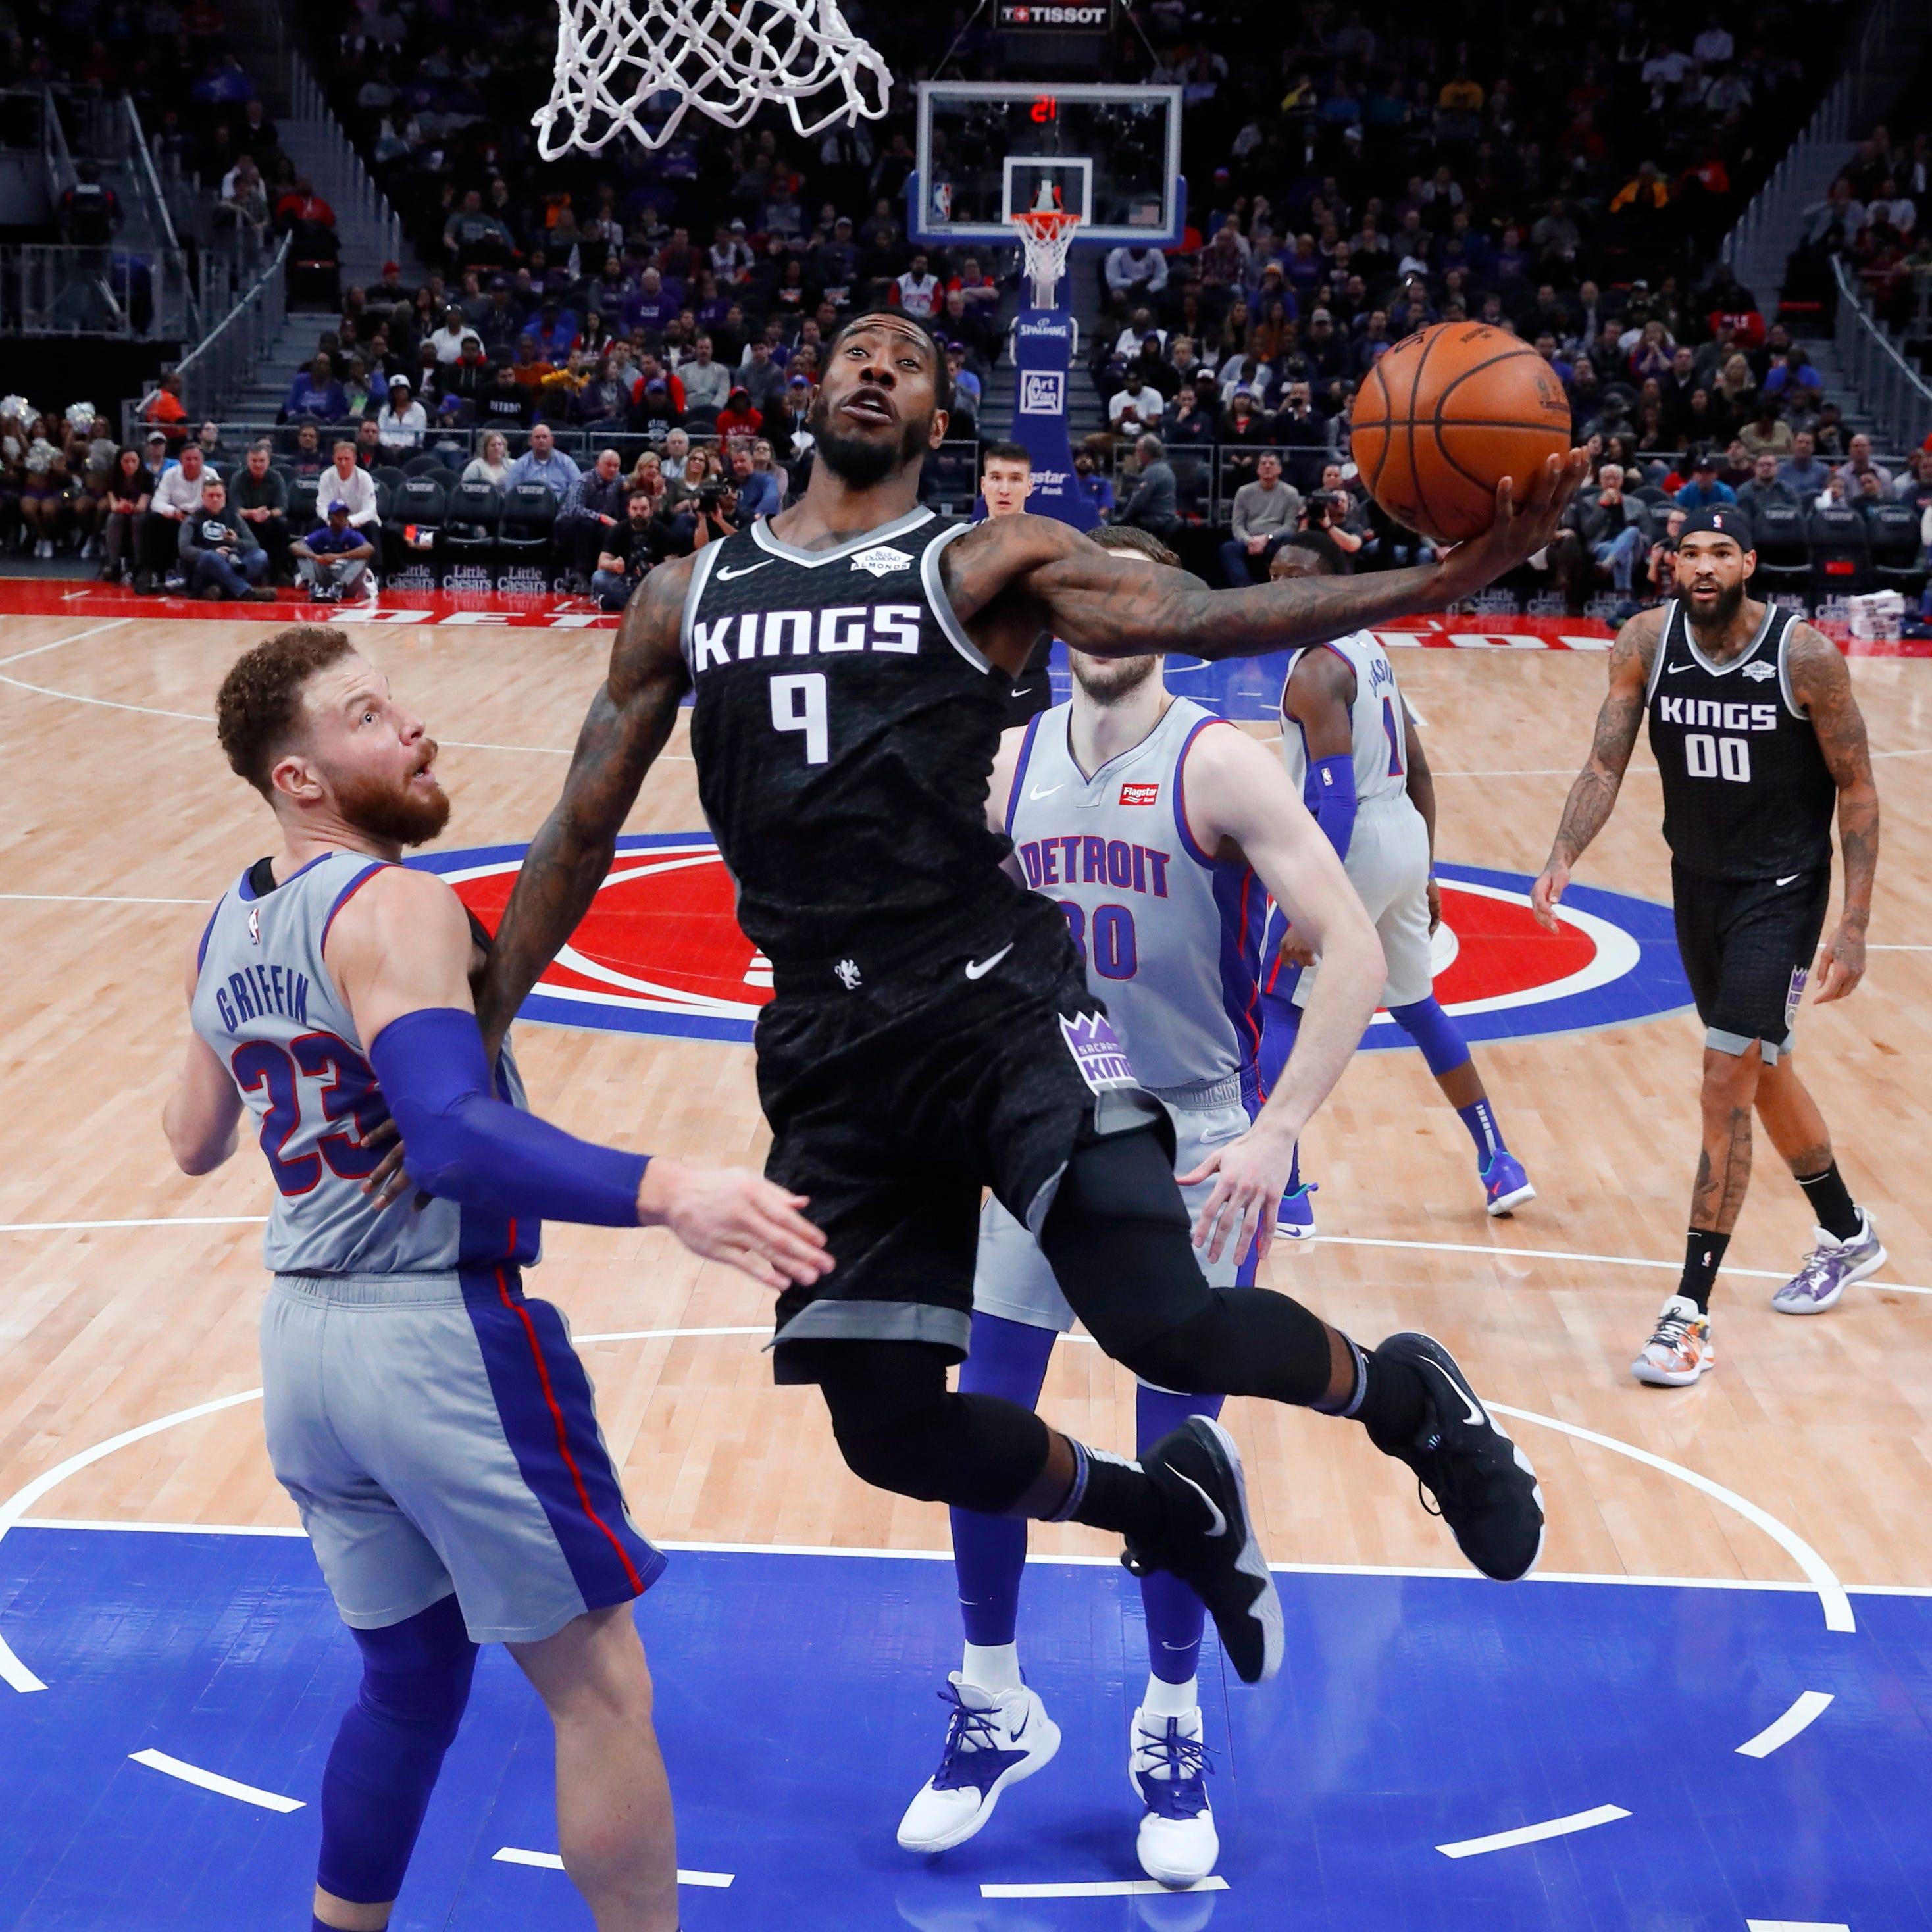 Hield's buzzer-beater ends Pistons' win streak